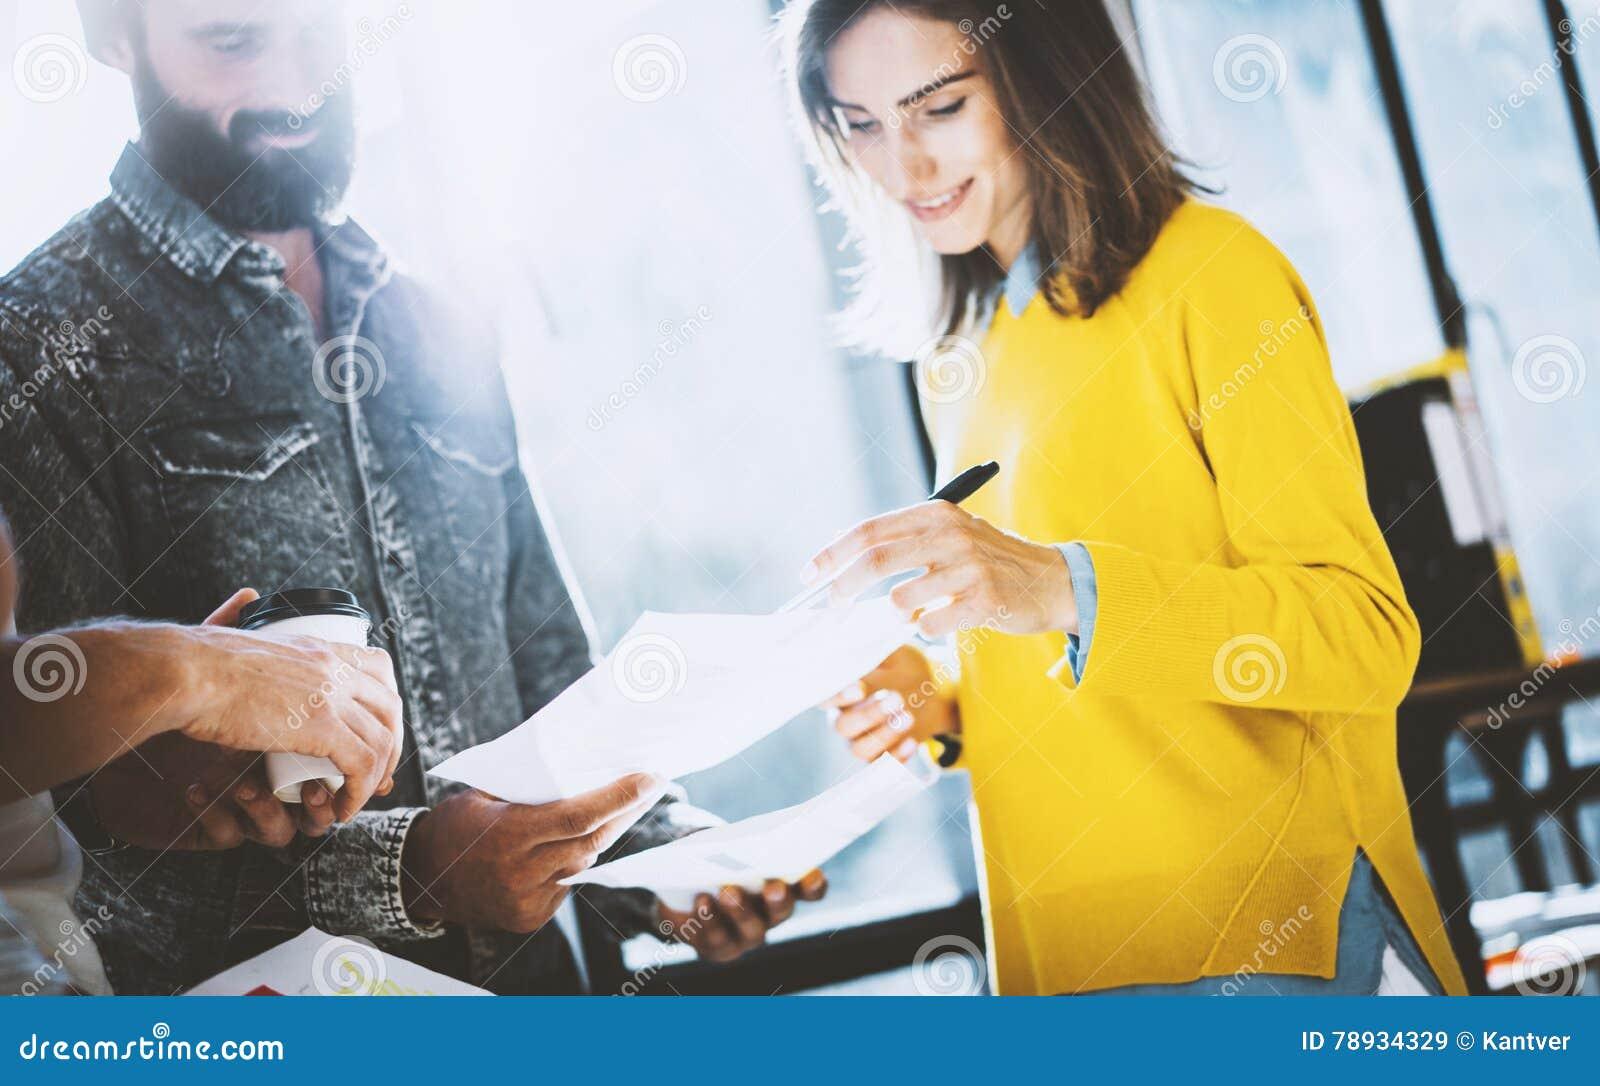 Молодая команда сотрудников делая большое обсуждение в солнечном офисе около окна Женщина подписывая бумаги горизонтально